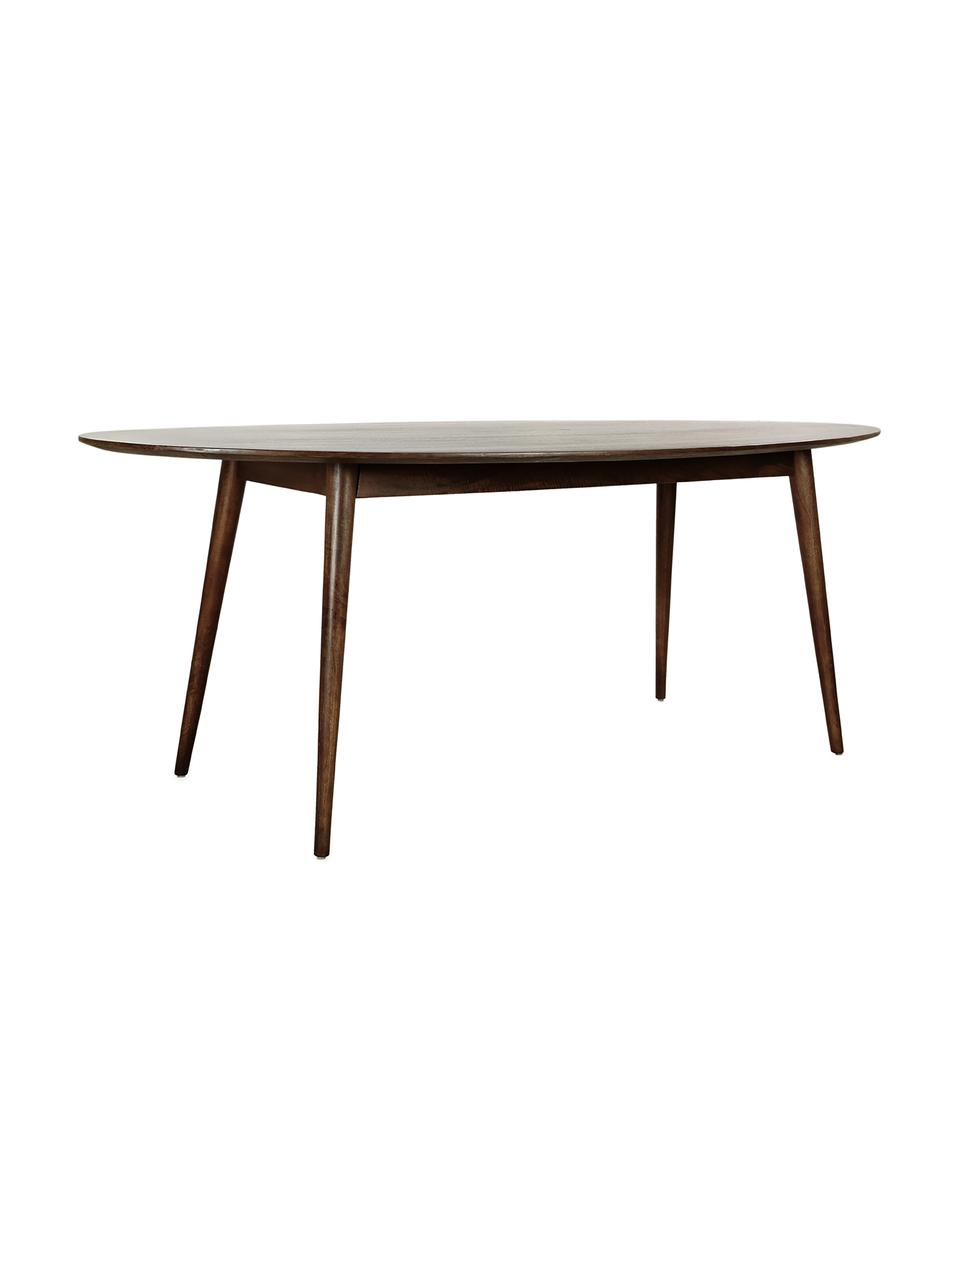 Owalny stół do jadalni z drewna mangowego Oscar, Lite drewno mangowe, lakierowane, Drewno mangowe, S 203 x G 97 cm